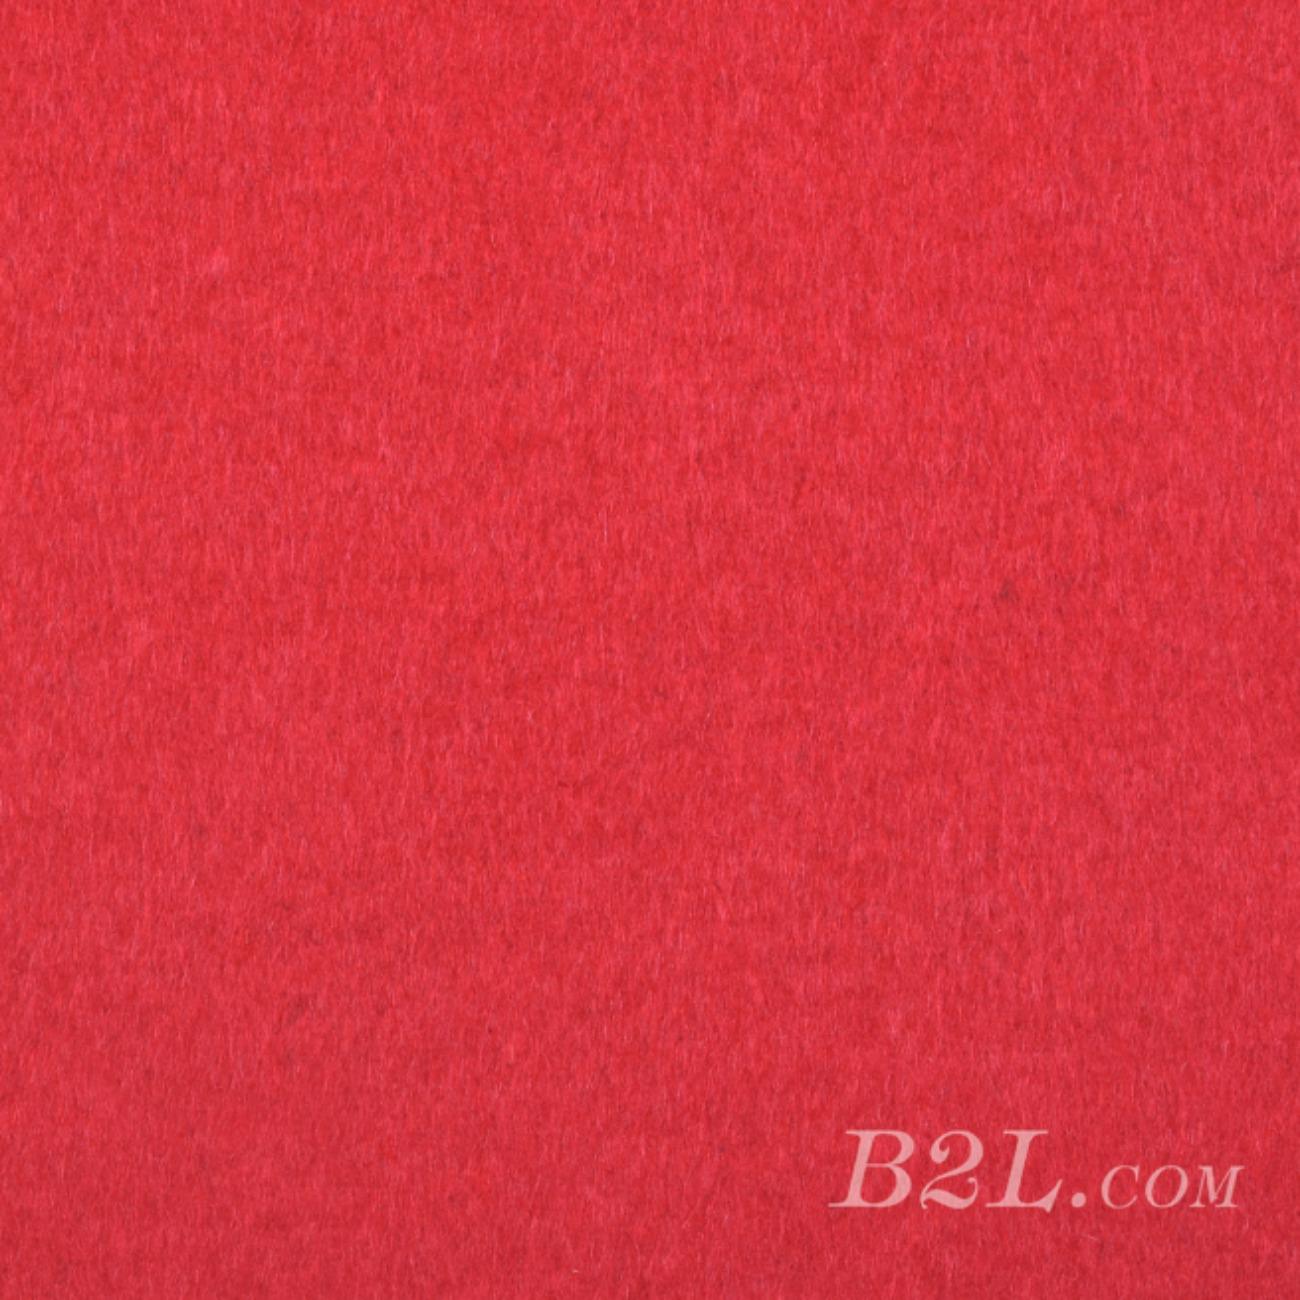 毛纺 梭织 染色 绒感 秋冬 大衣 外套 90921-22